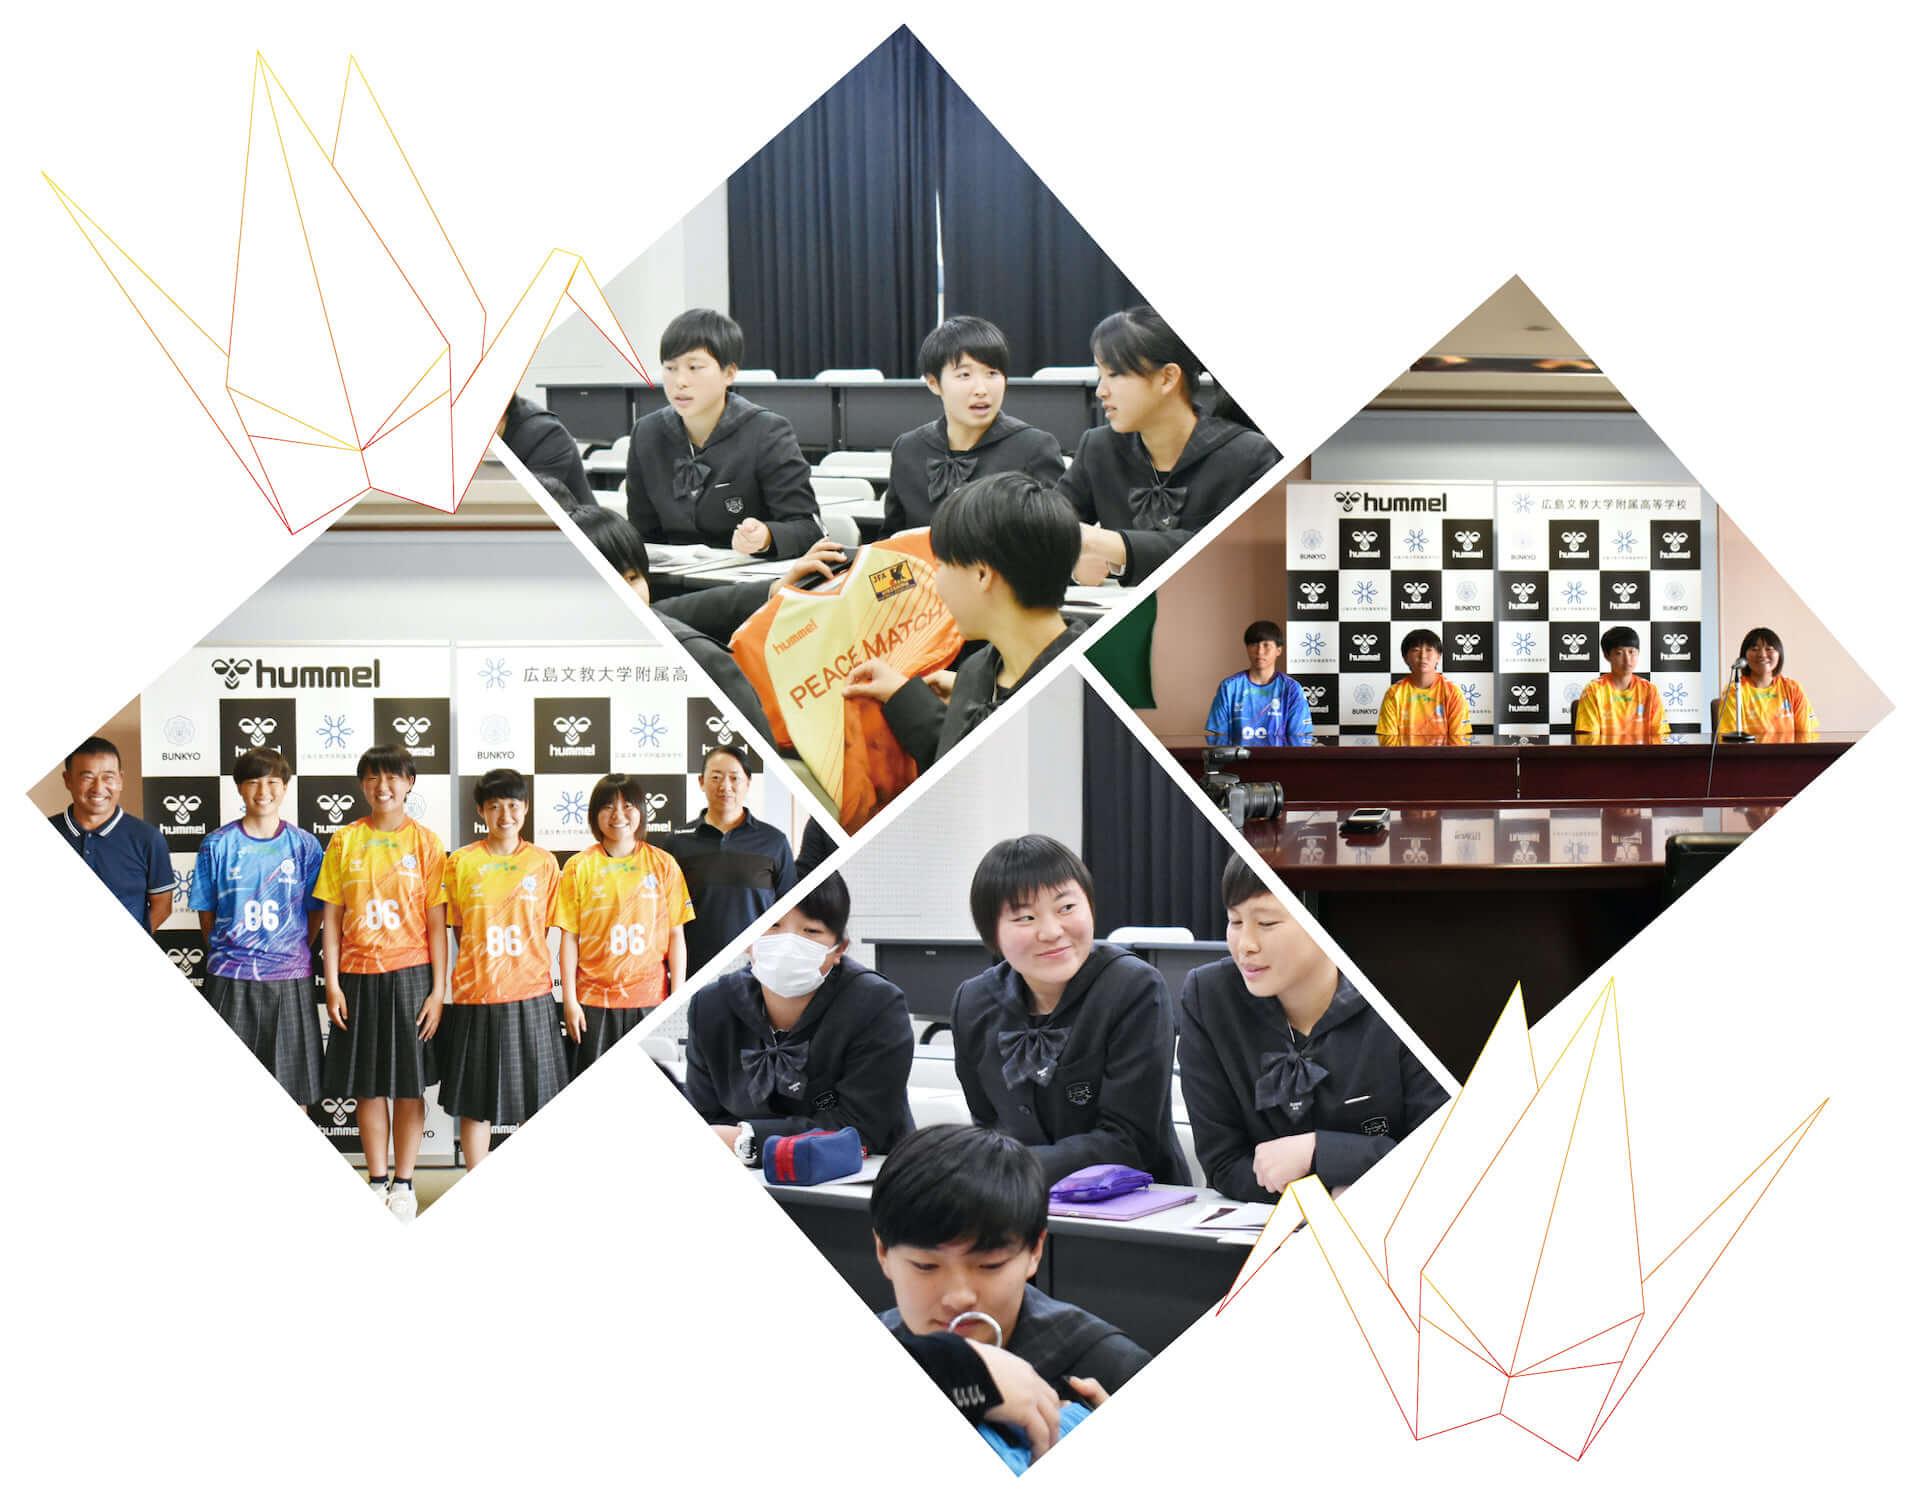 ヒュンメルにて広島文教高校の『ピースユニフォーム』が発売!収益は今夏開催のピースマッチに活用 lf210310_hummel-hbunkyo_4-1920x1490